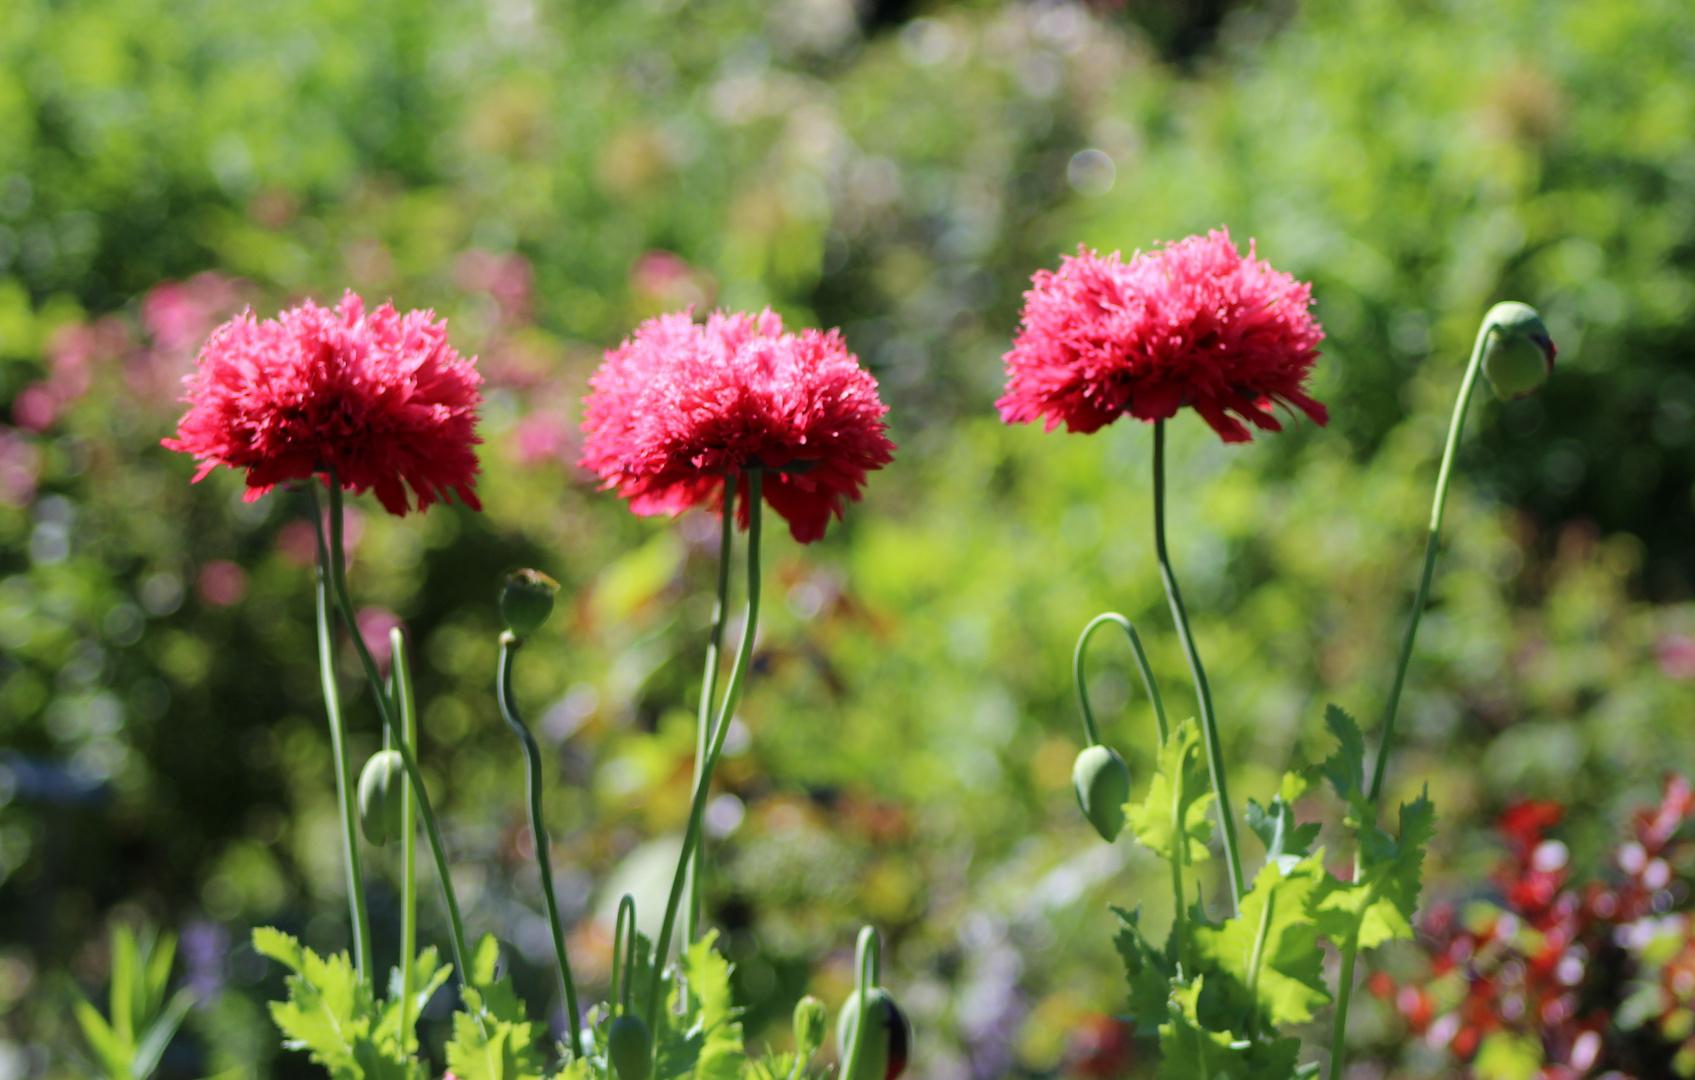 gartenblumen im juni foto bild natur blumen pflanzen. Black Bedroom Furniture Sets. Home Design Ideas